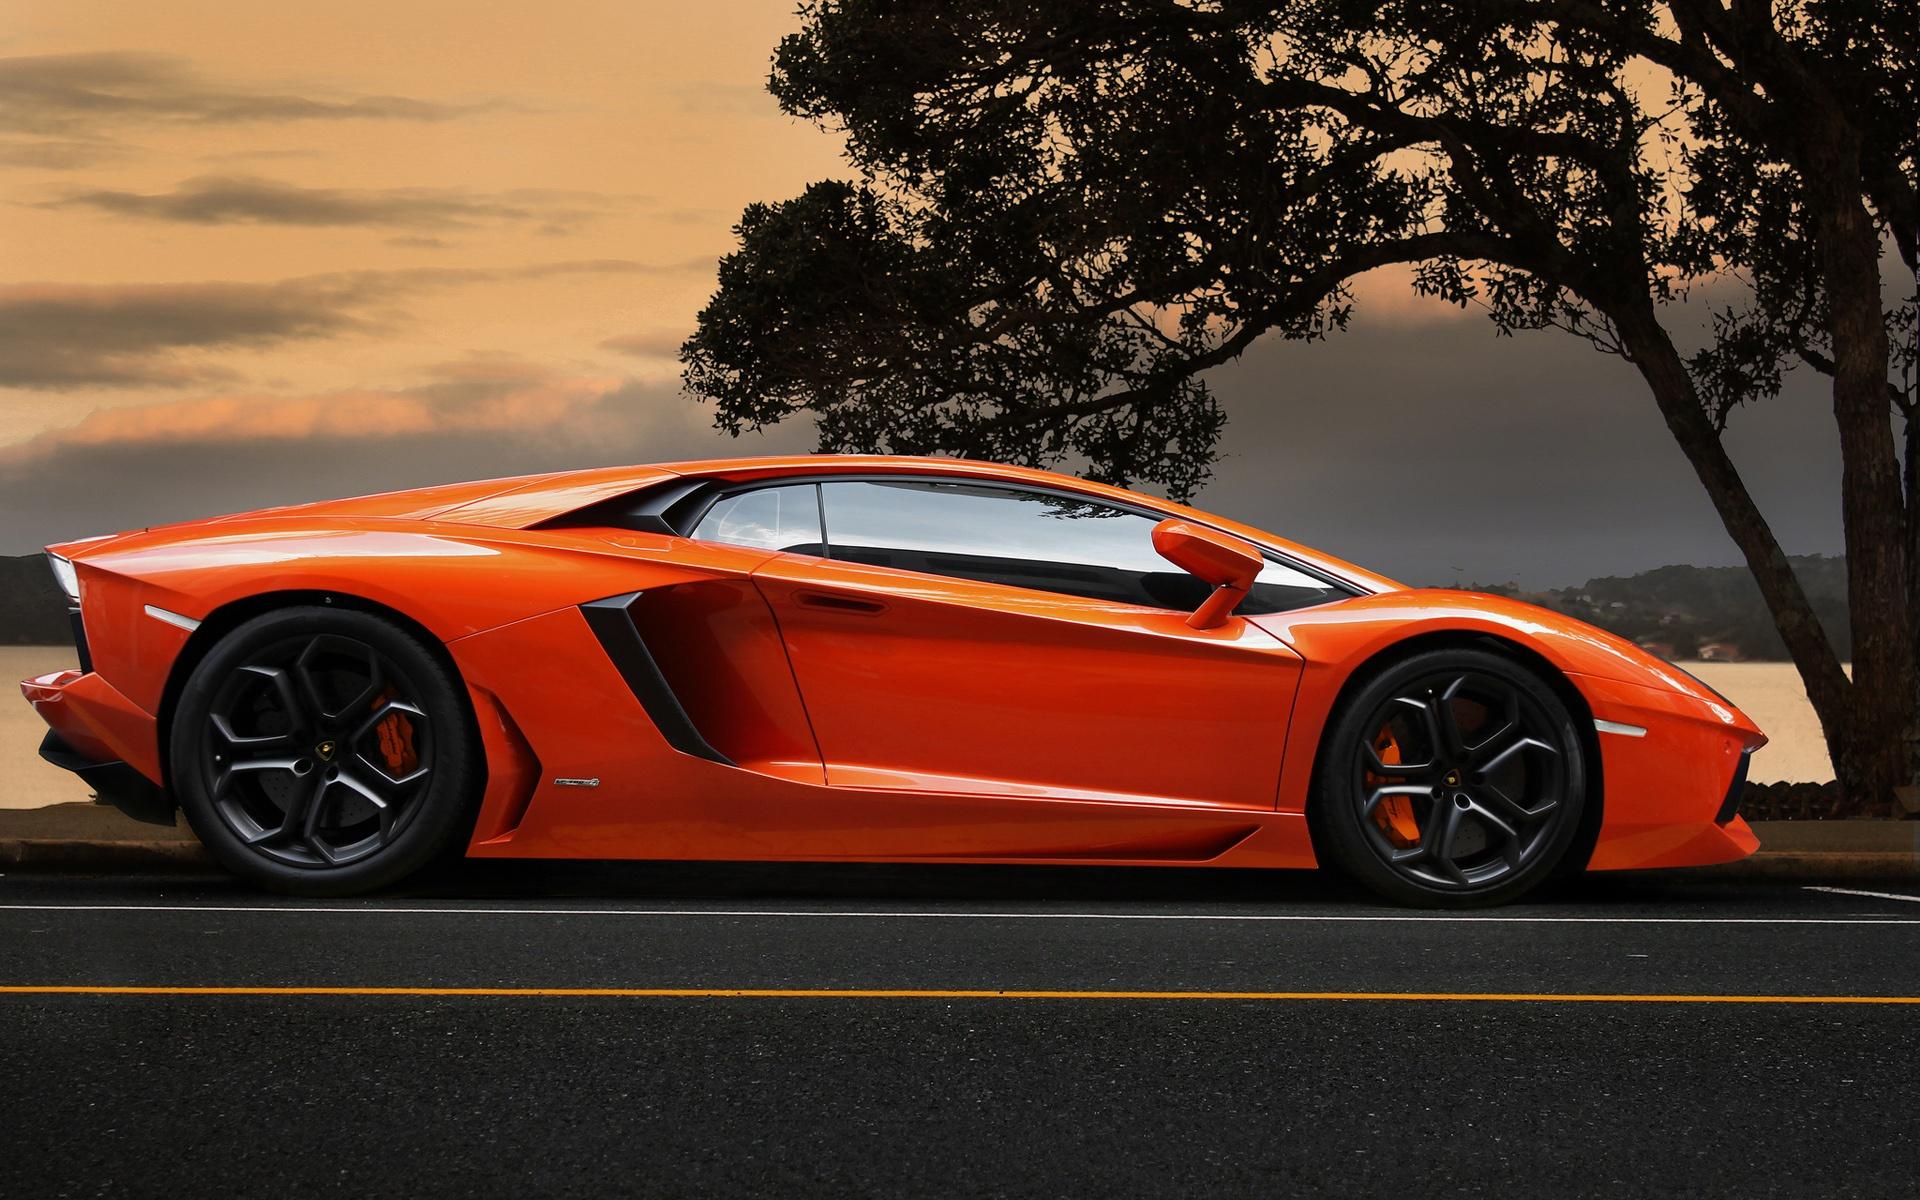 автомобиль оранжевый бесплатно